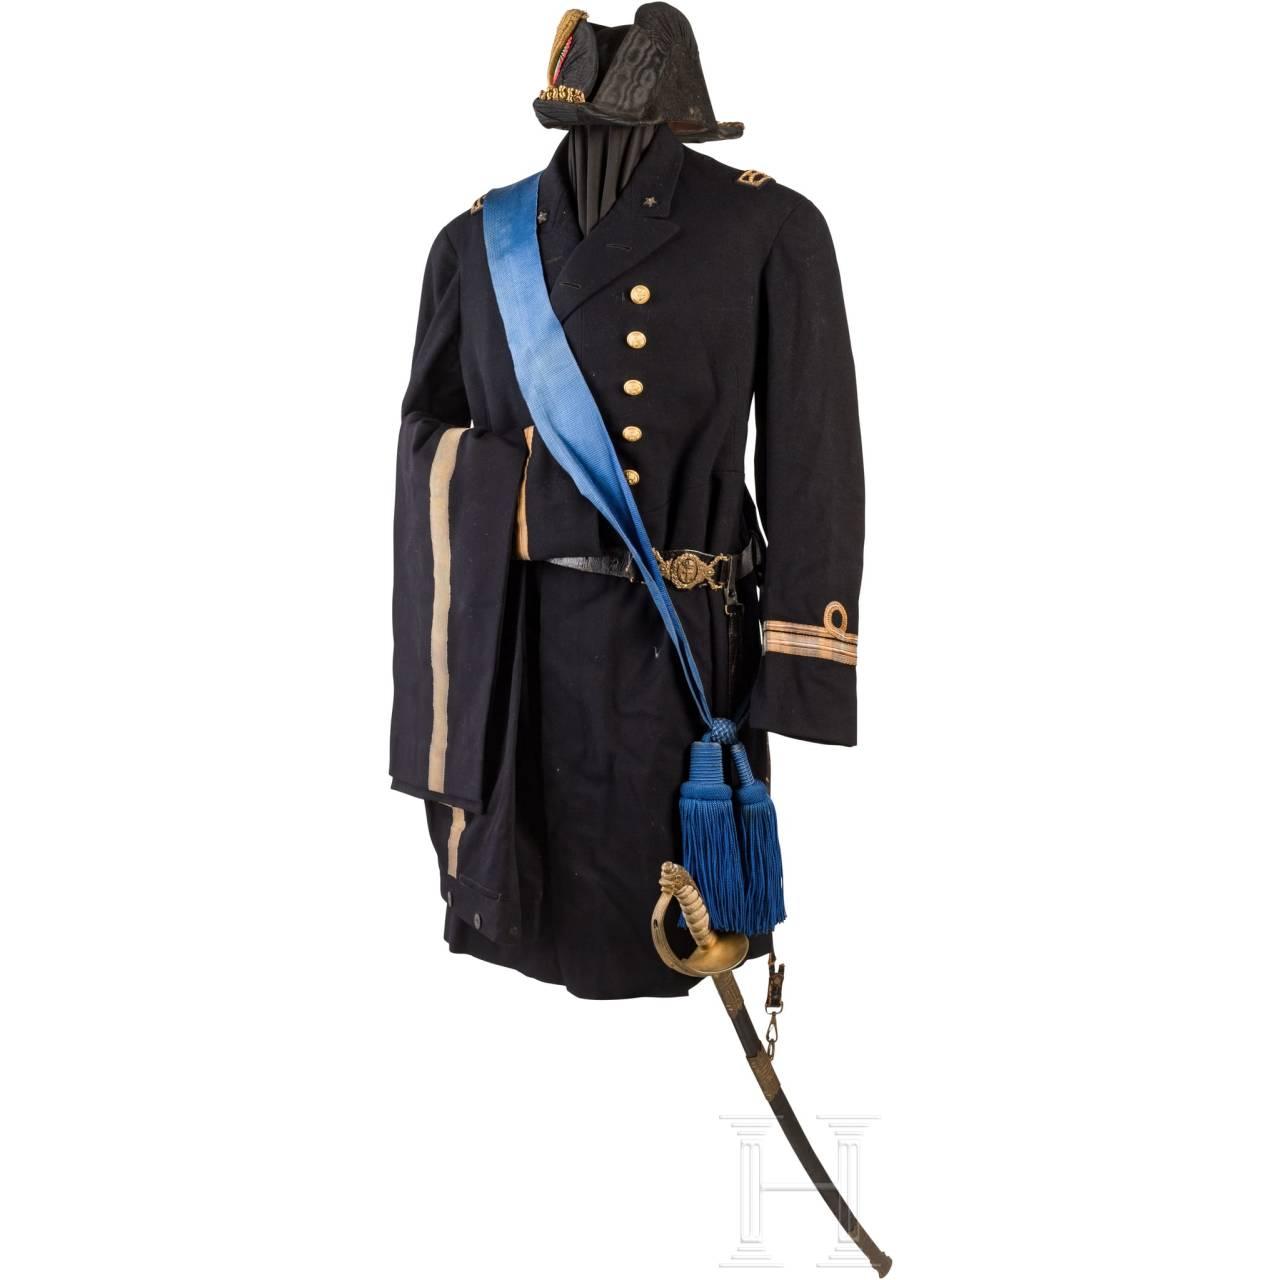 Uniformensemble für Offiziere der Marine, 1. Hälfte 20. Jhdt.